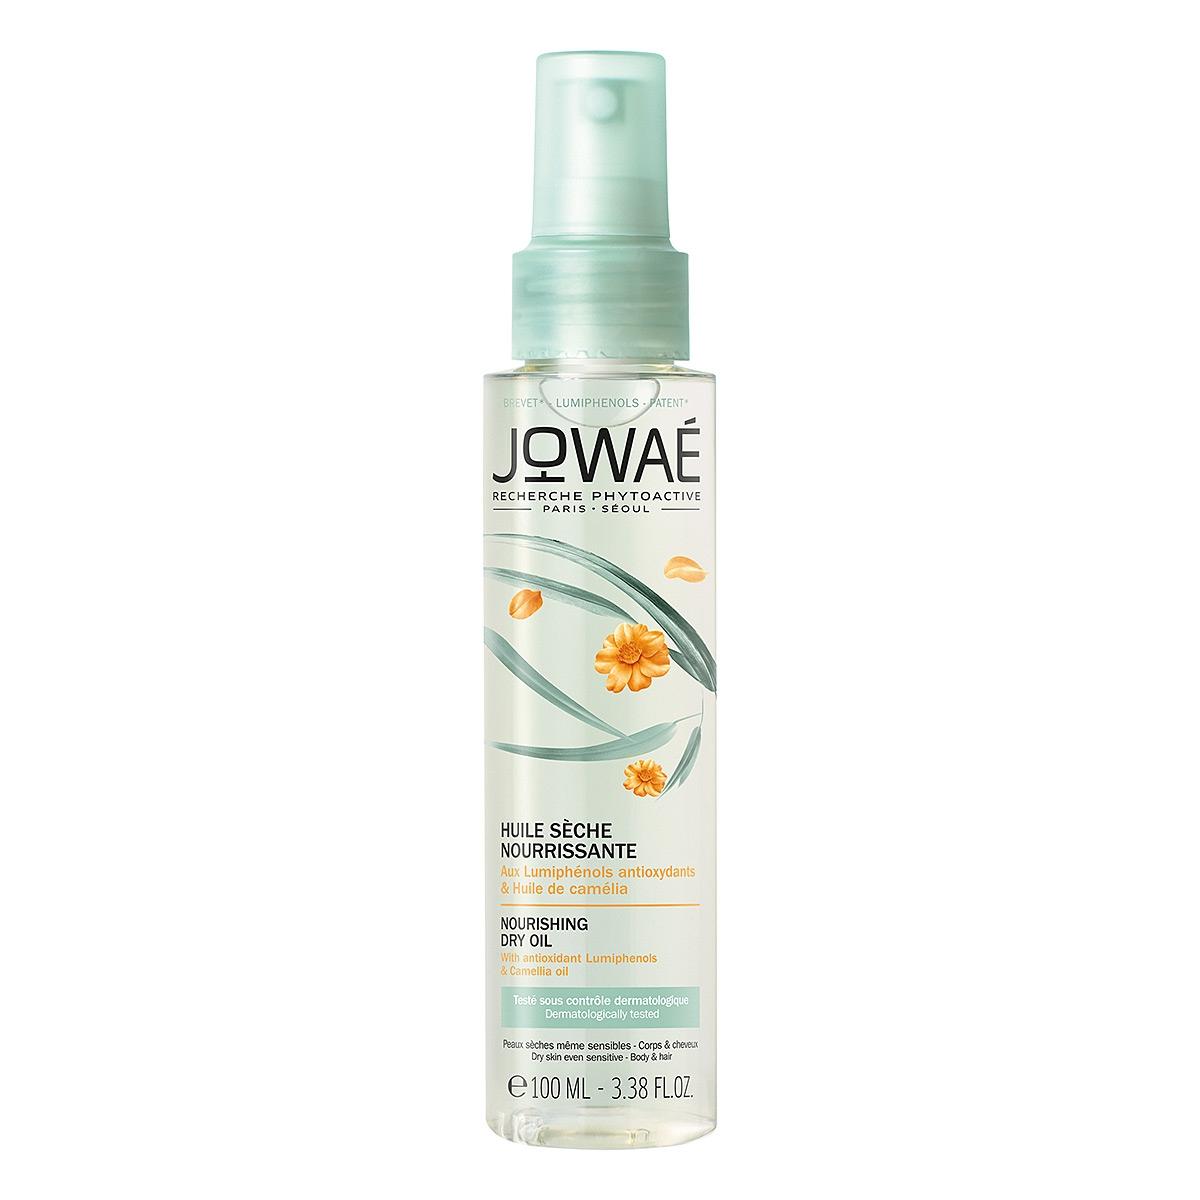 Image of Jowae odżywczy suchy olejek